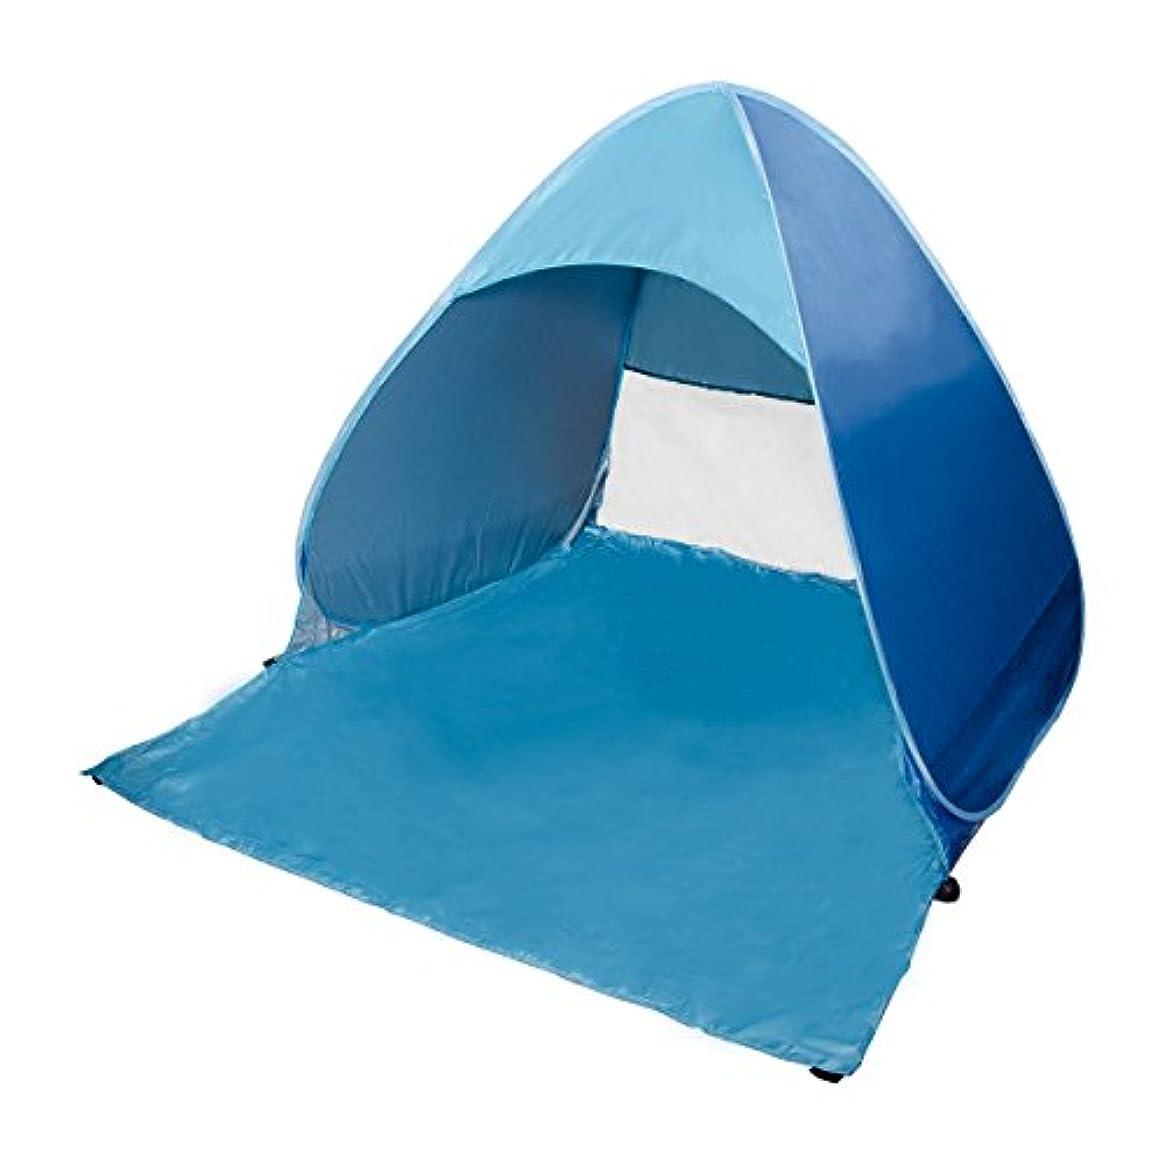 キャンセルジョージエリオット明示的にMRG テント ワンタッチ 1~2人用 ワンタッチテント UPF50+ uvカットコーティング 防水加工 サンシェード キャリーバッグ付き